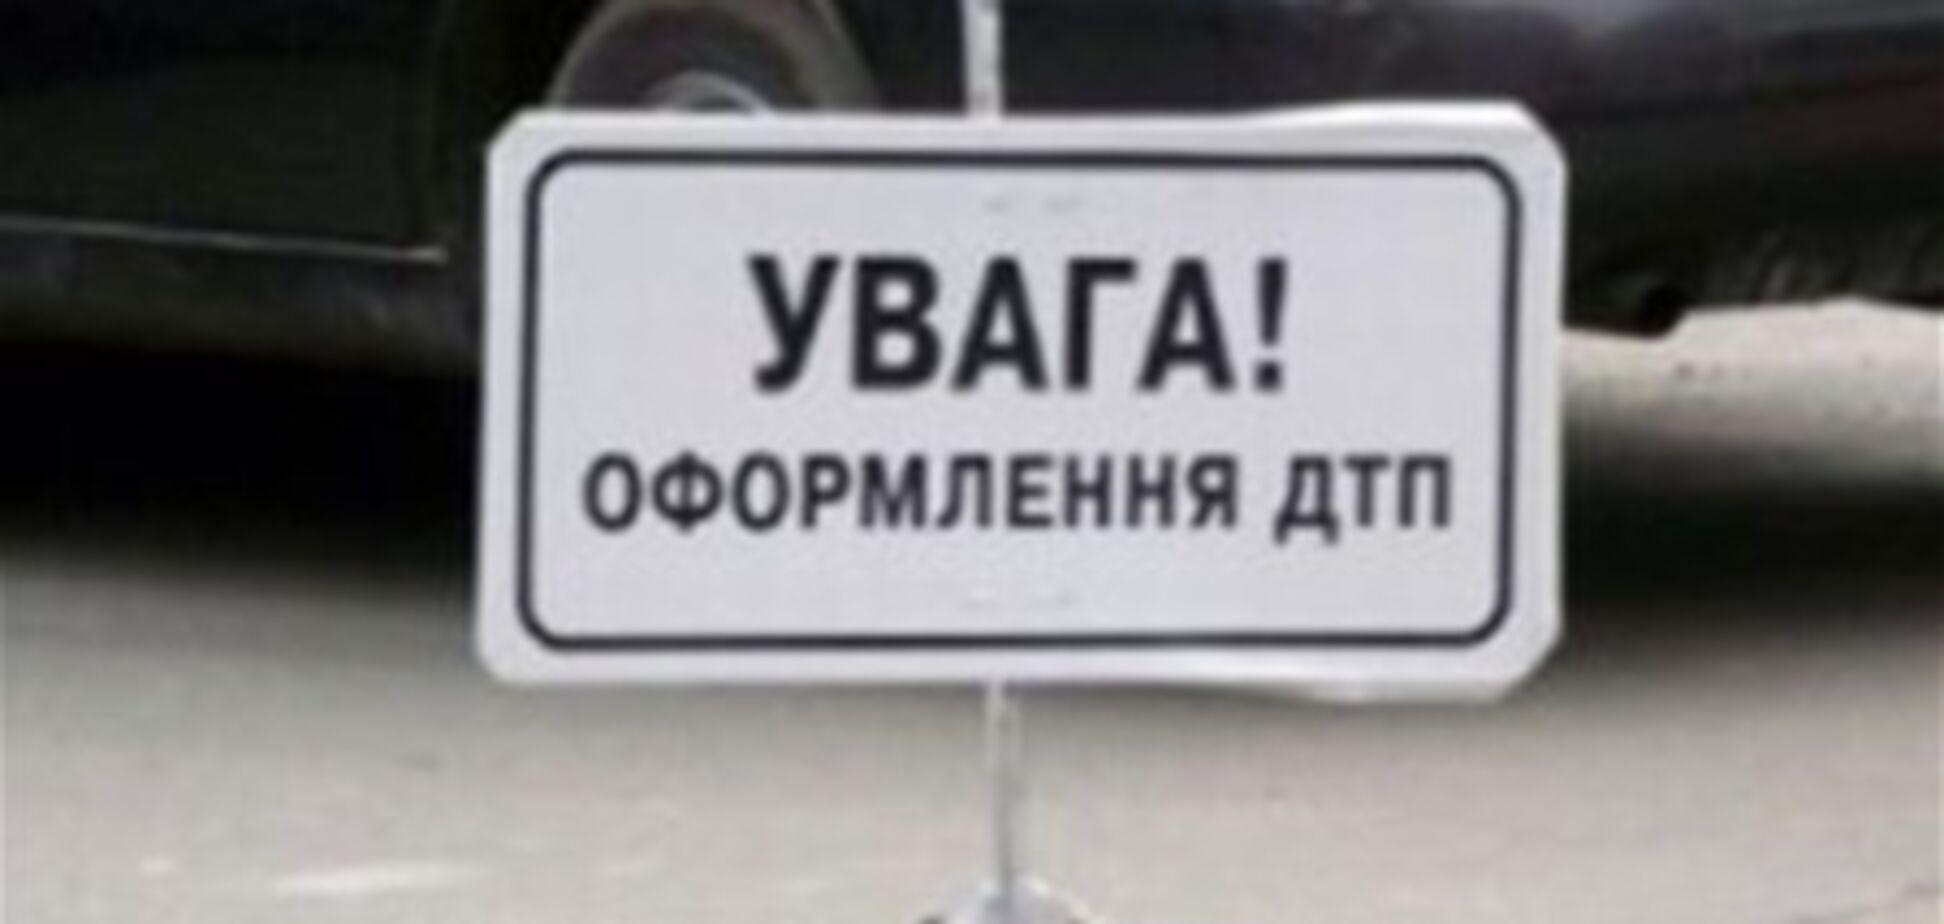 При столкновении иномарки с микроавтобусом на Житомирщине погибли два человека